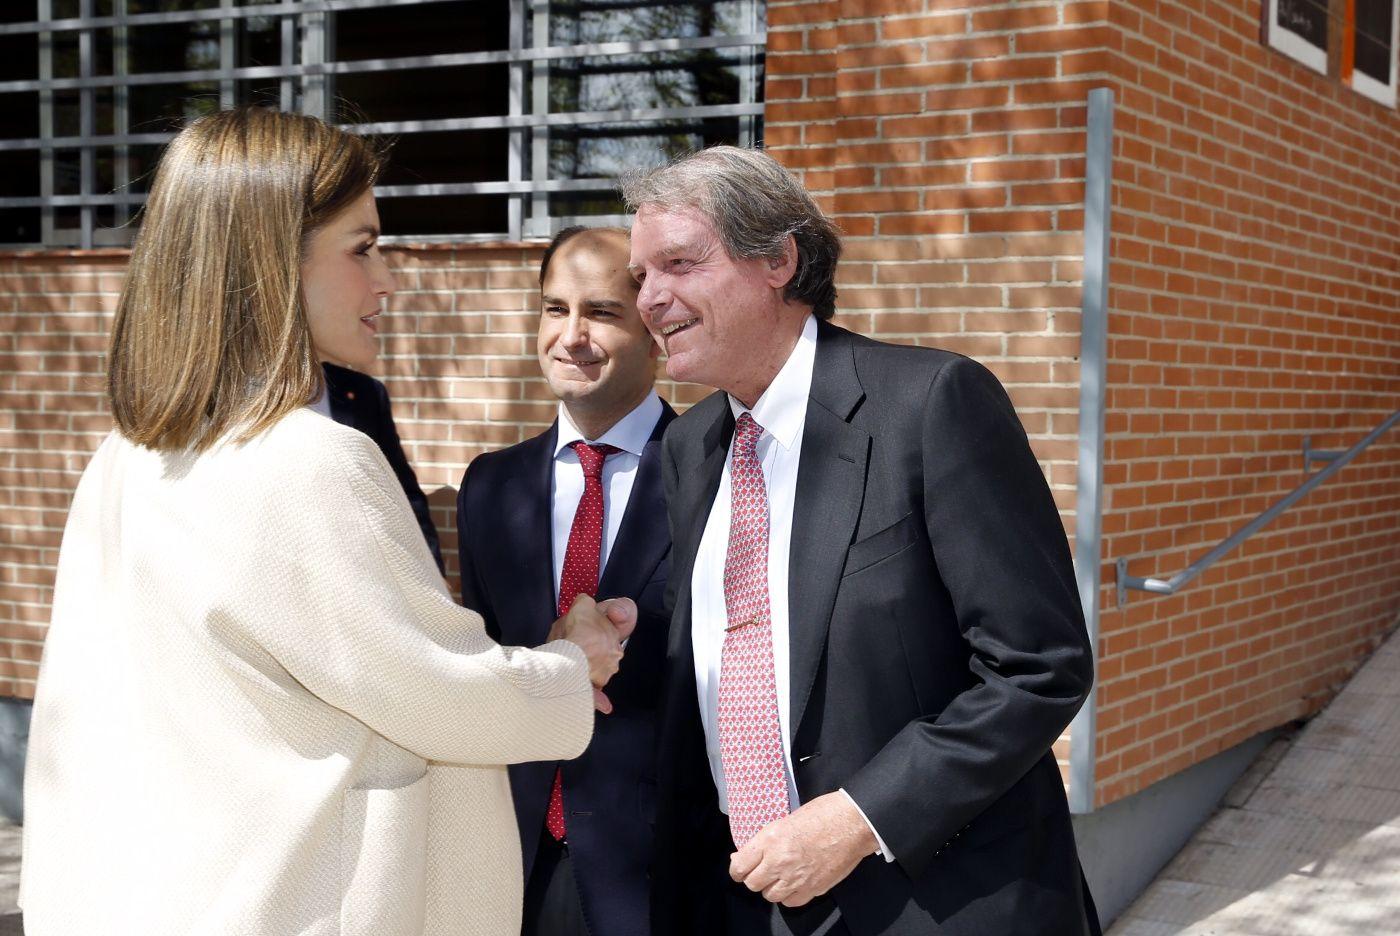 Doña Letizia recibe el saludo de presidente de la Fundación Princesa de Girona - FPdGi Sede central de la Fundación Secretariado Gitano. Madrid, 26.04.2016